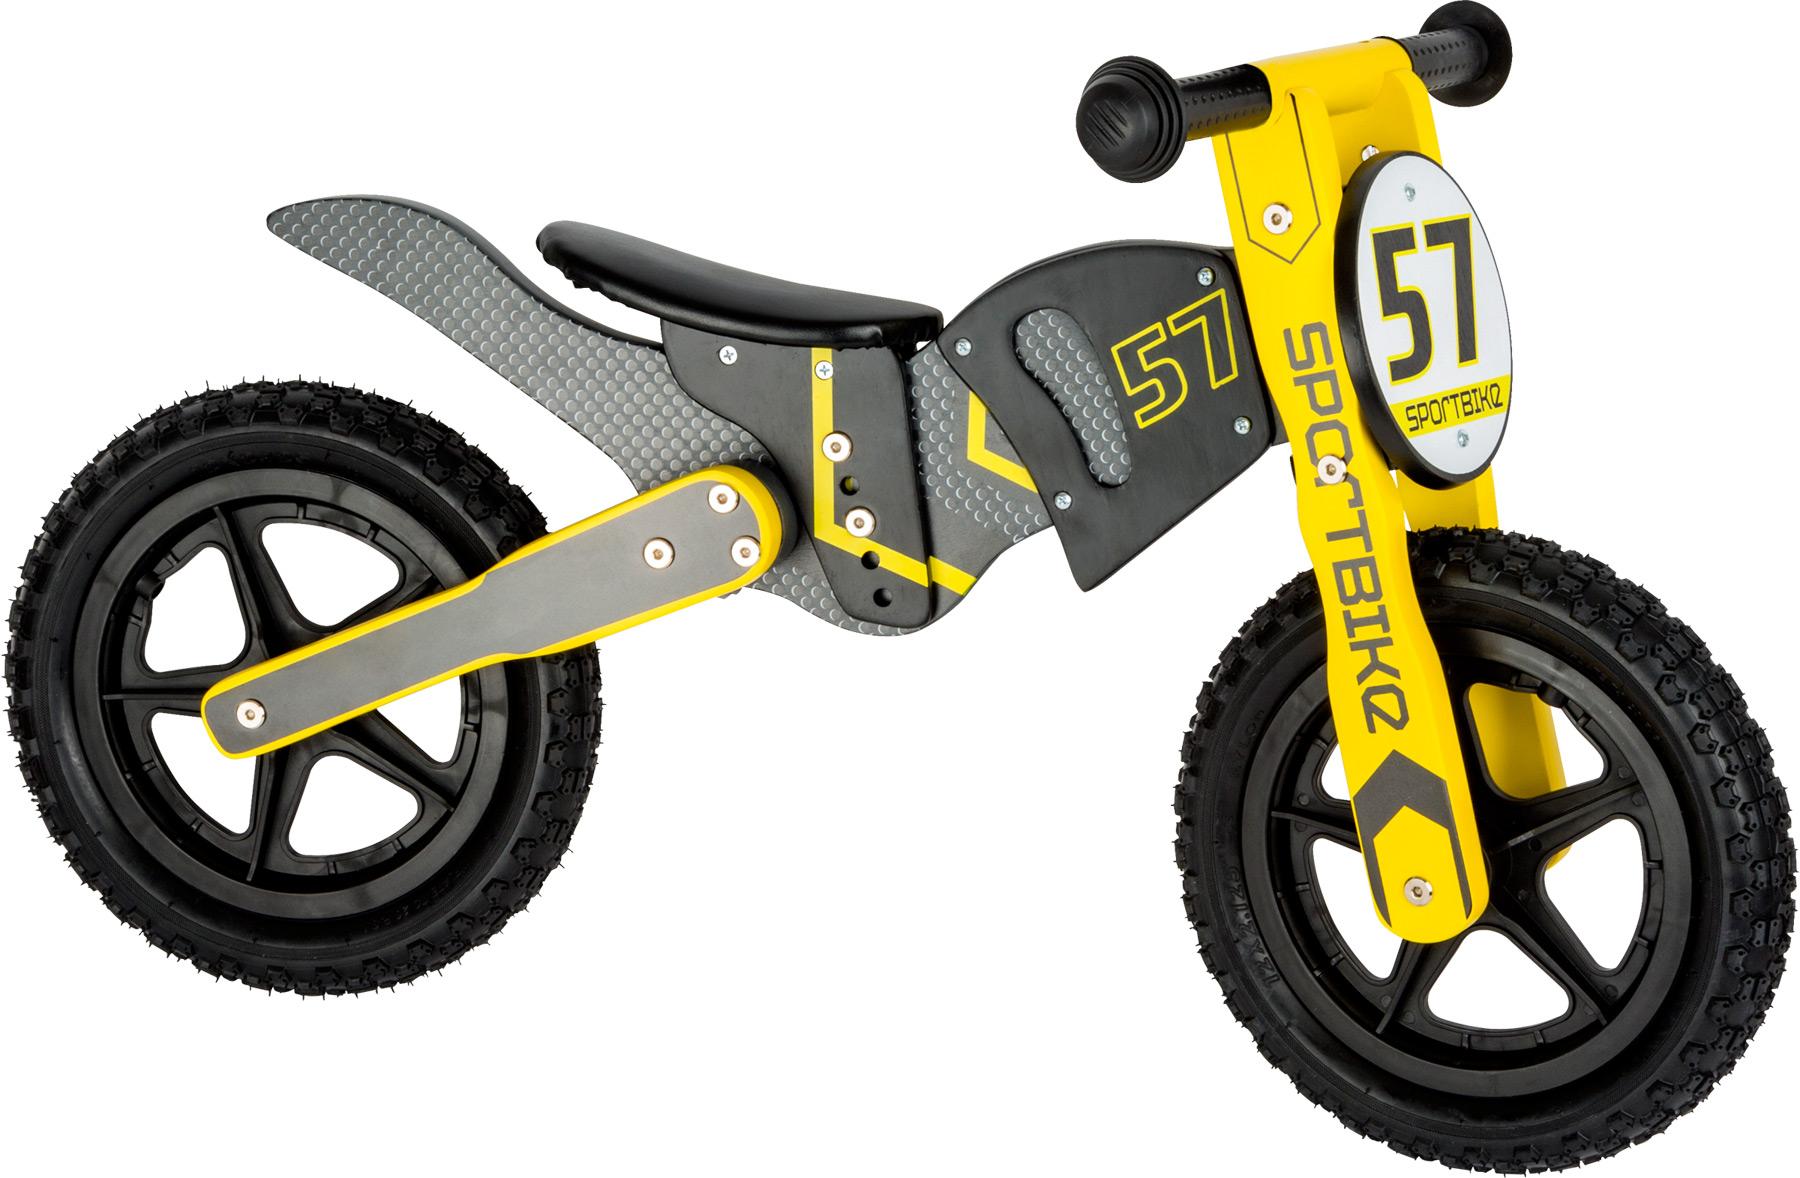 Klettergerüst Legler : Laufrad motocross bike laufräder outdoor und bewegungsspielzeug